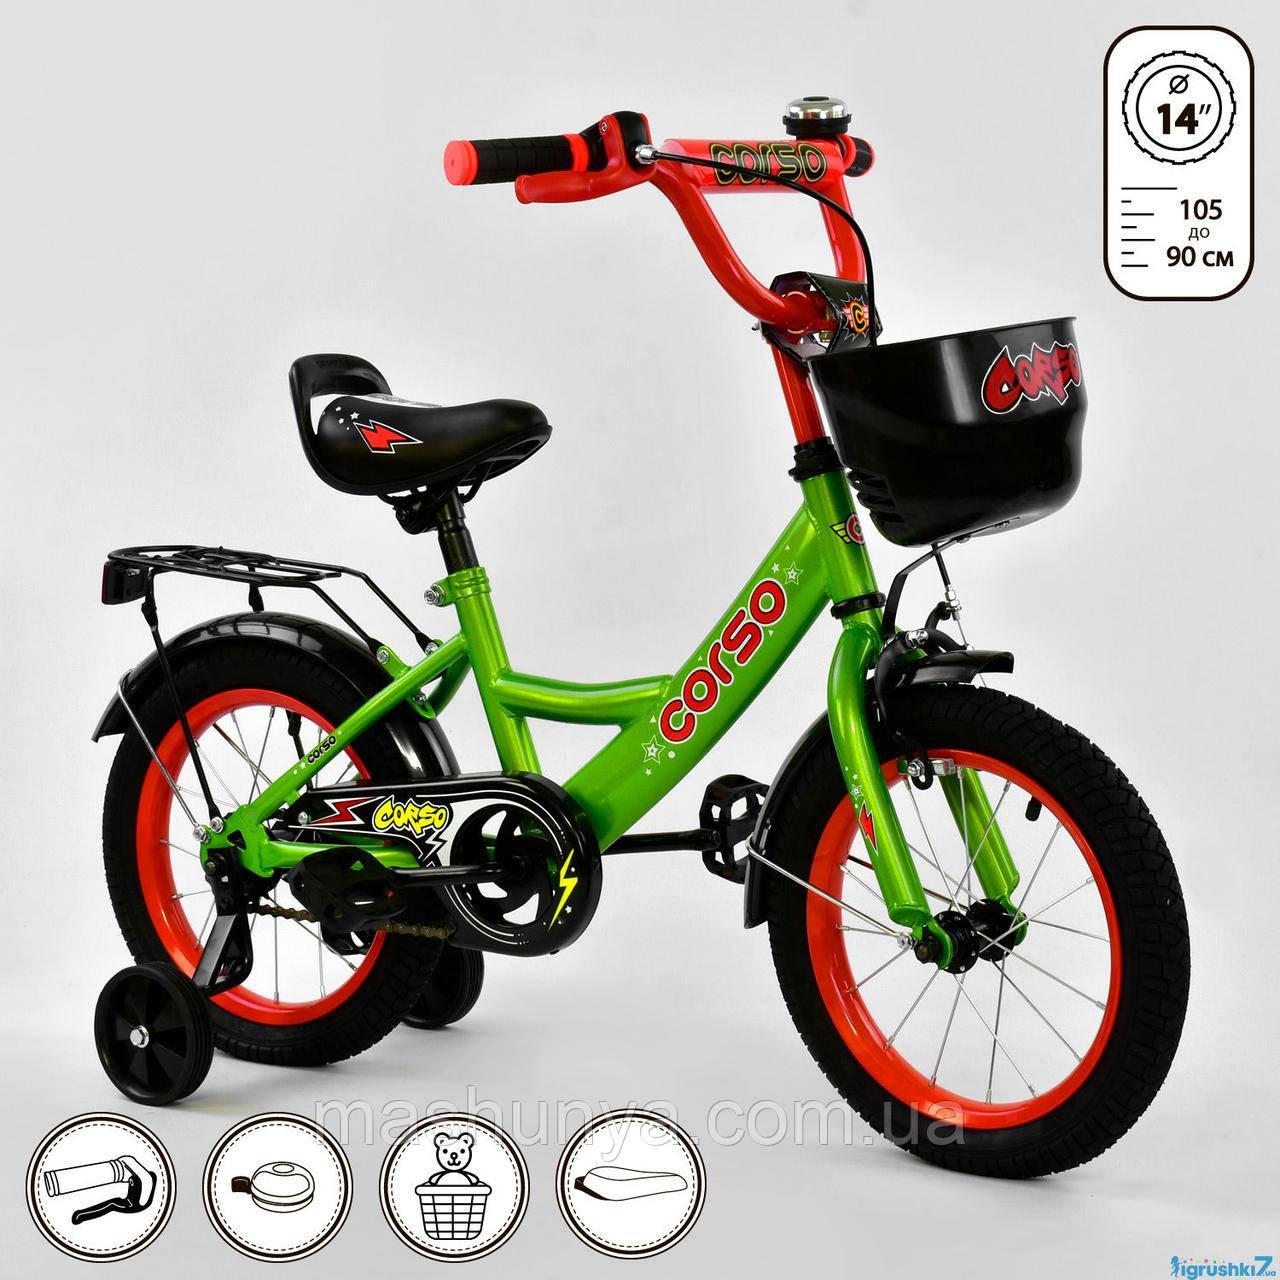 Велосипед двухколесный детский Corso 14 дюймов (3-5 лет)